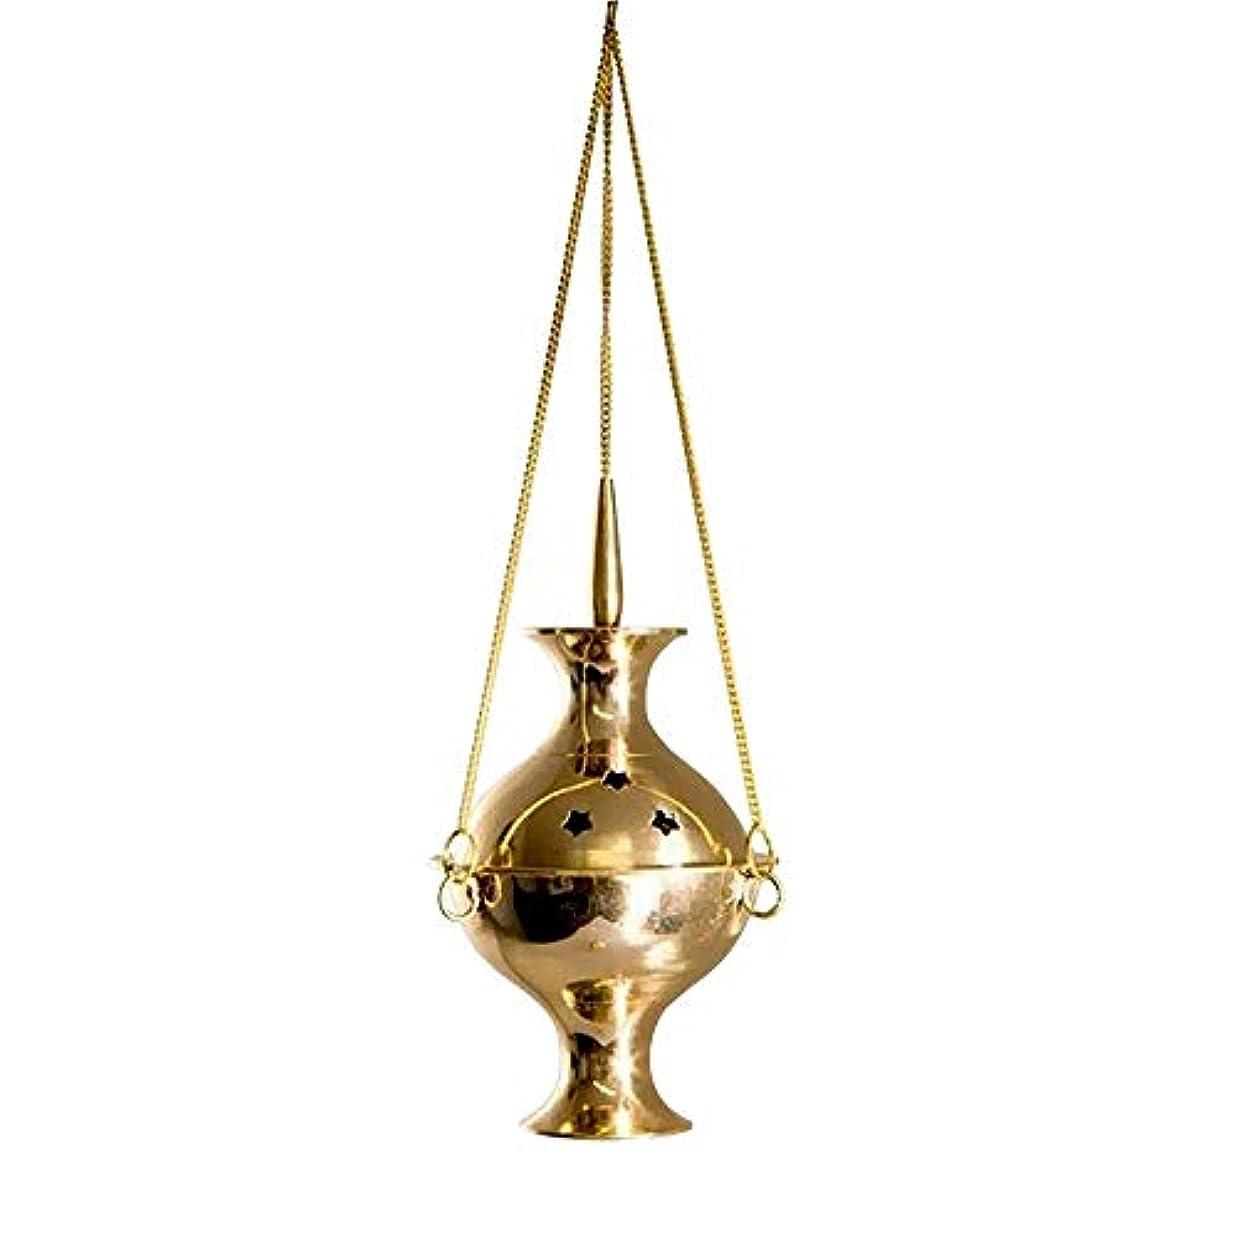 刈り取る擬人化警報カトリック香炉 吊り下げ式香炉 チャコール 6インチ 真鍮 吊り下げ 香炉 炭 香炉 バーナー 真鍮製 輝く仕上げで適切な燃焼に役立ちます。